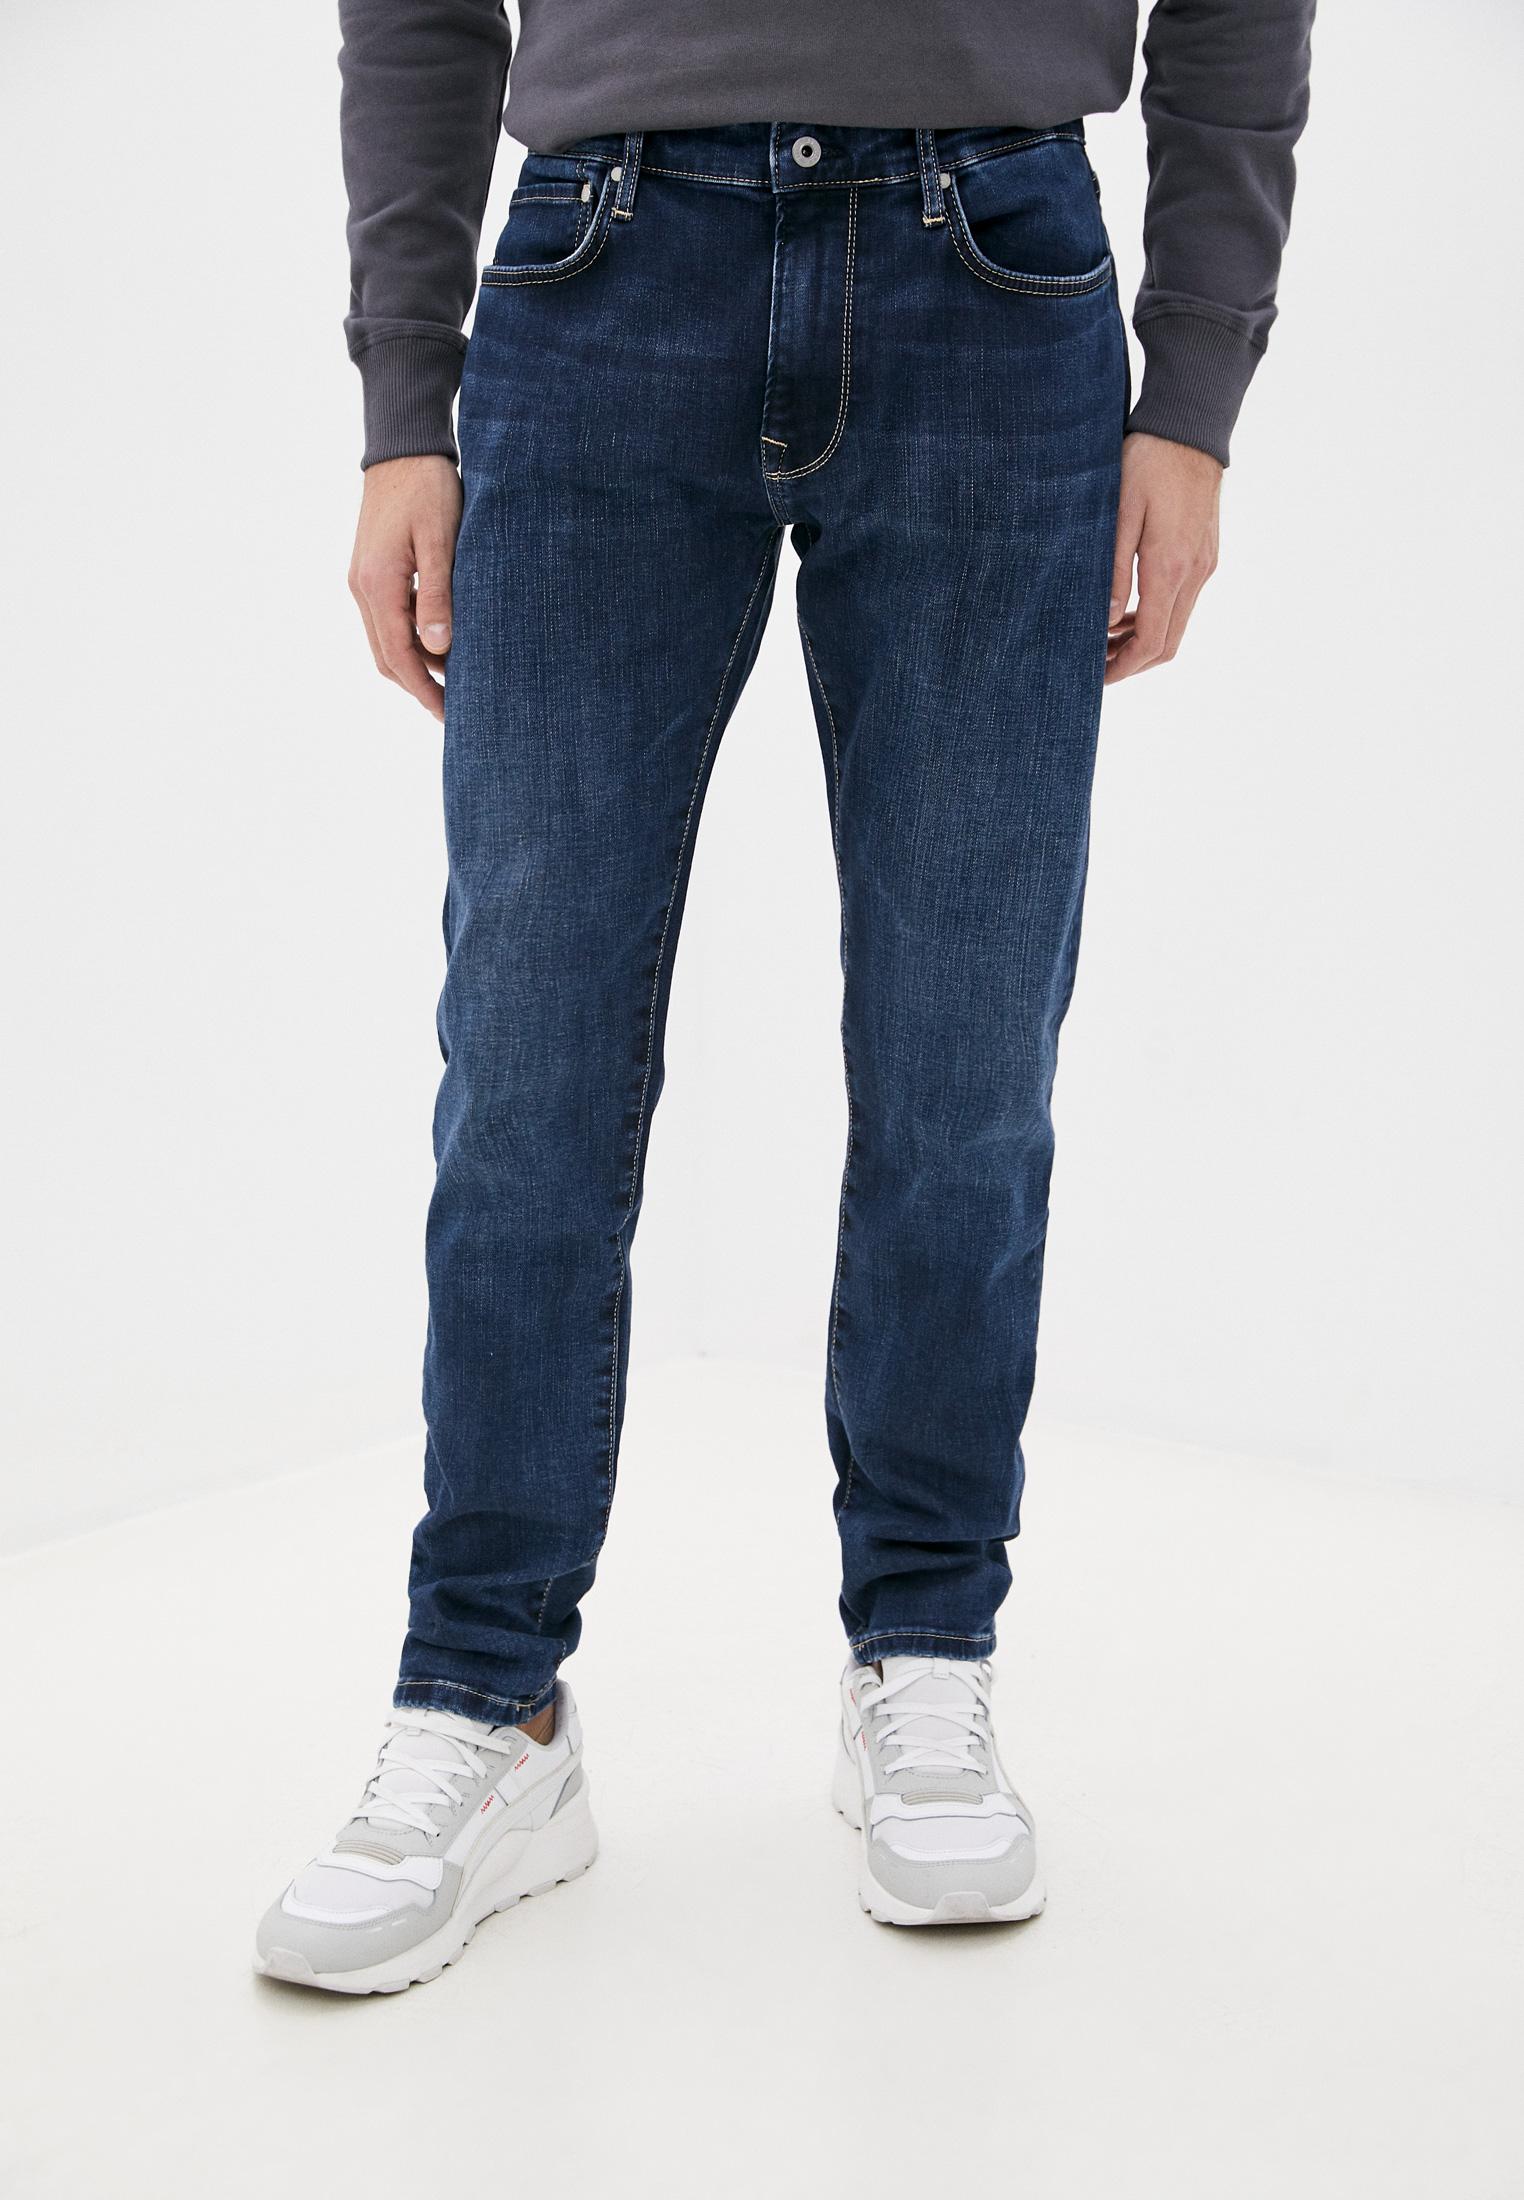 Мужские прямые джинсы Pepe Jeans (Пепе Джинс) Джинсы Pepe Jeans